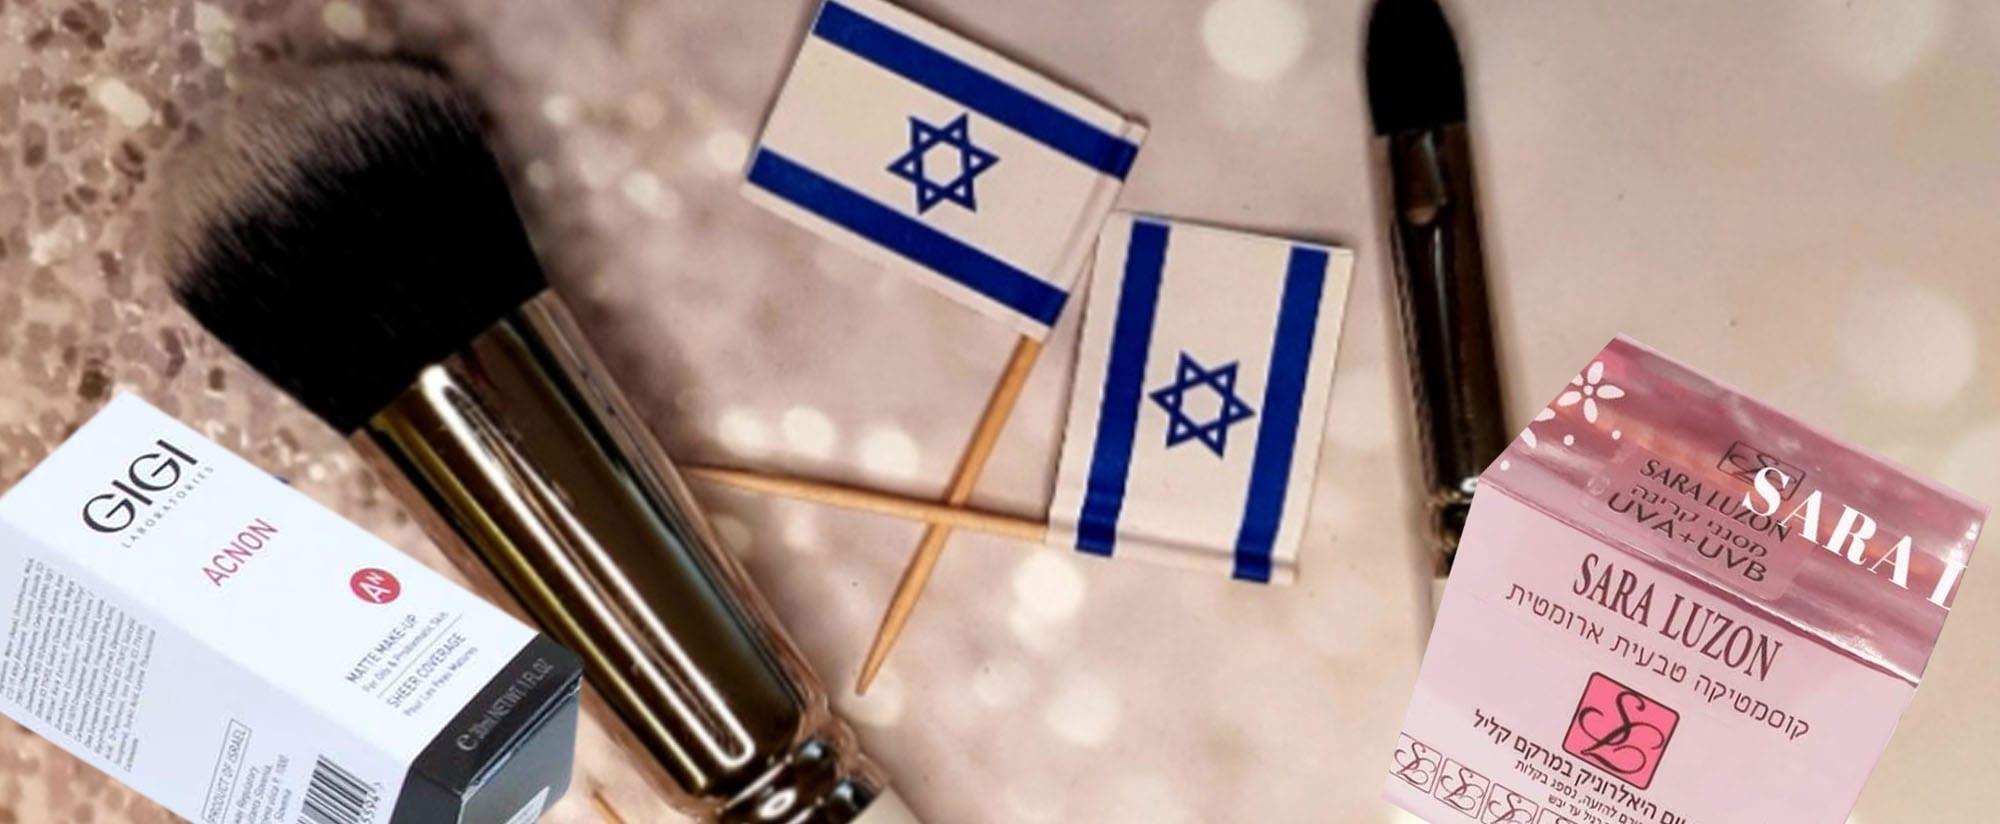 Fashion Israel, אופנה, קוסמטיקה כחול לבן, מגזין אופנה -11